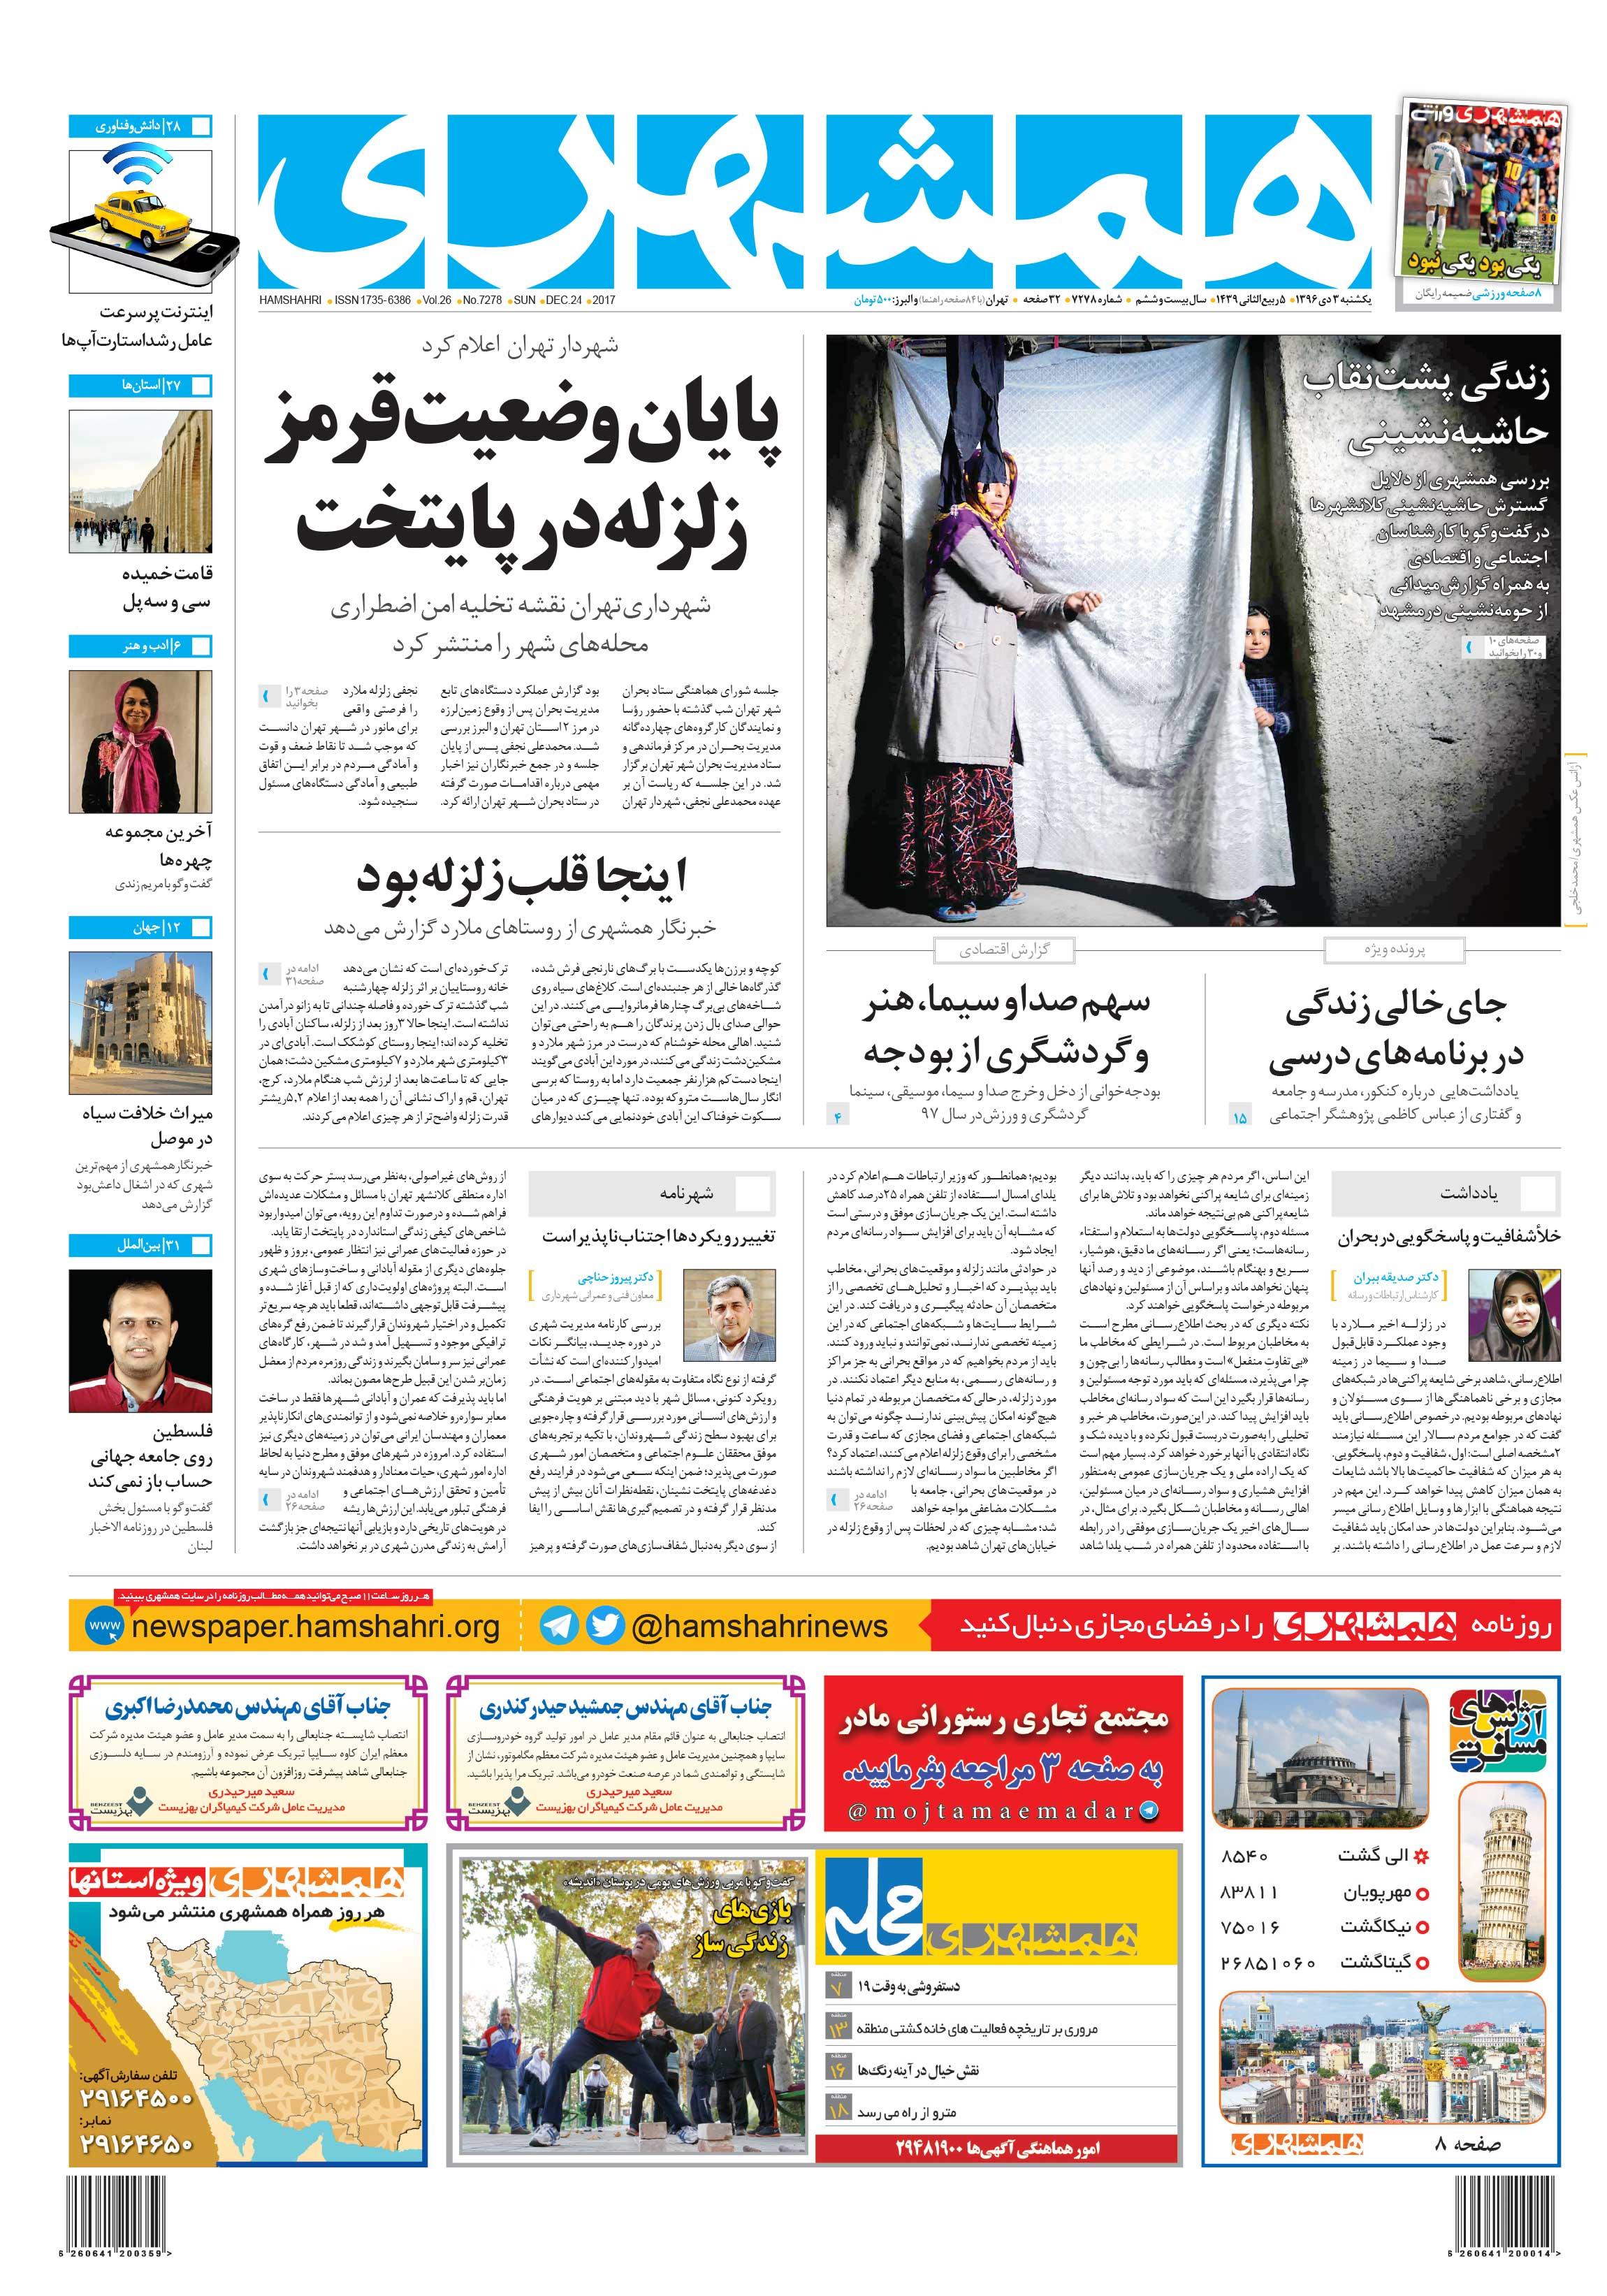 صفحه اول همشهری یکشنبه ۳ دی ۱۳۹۶